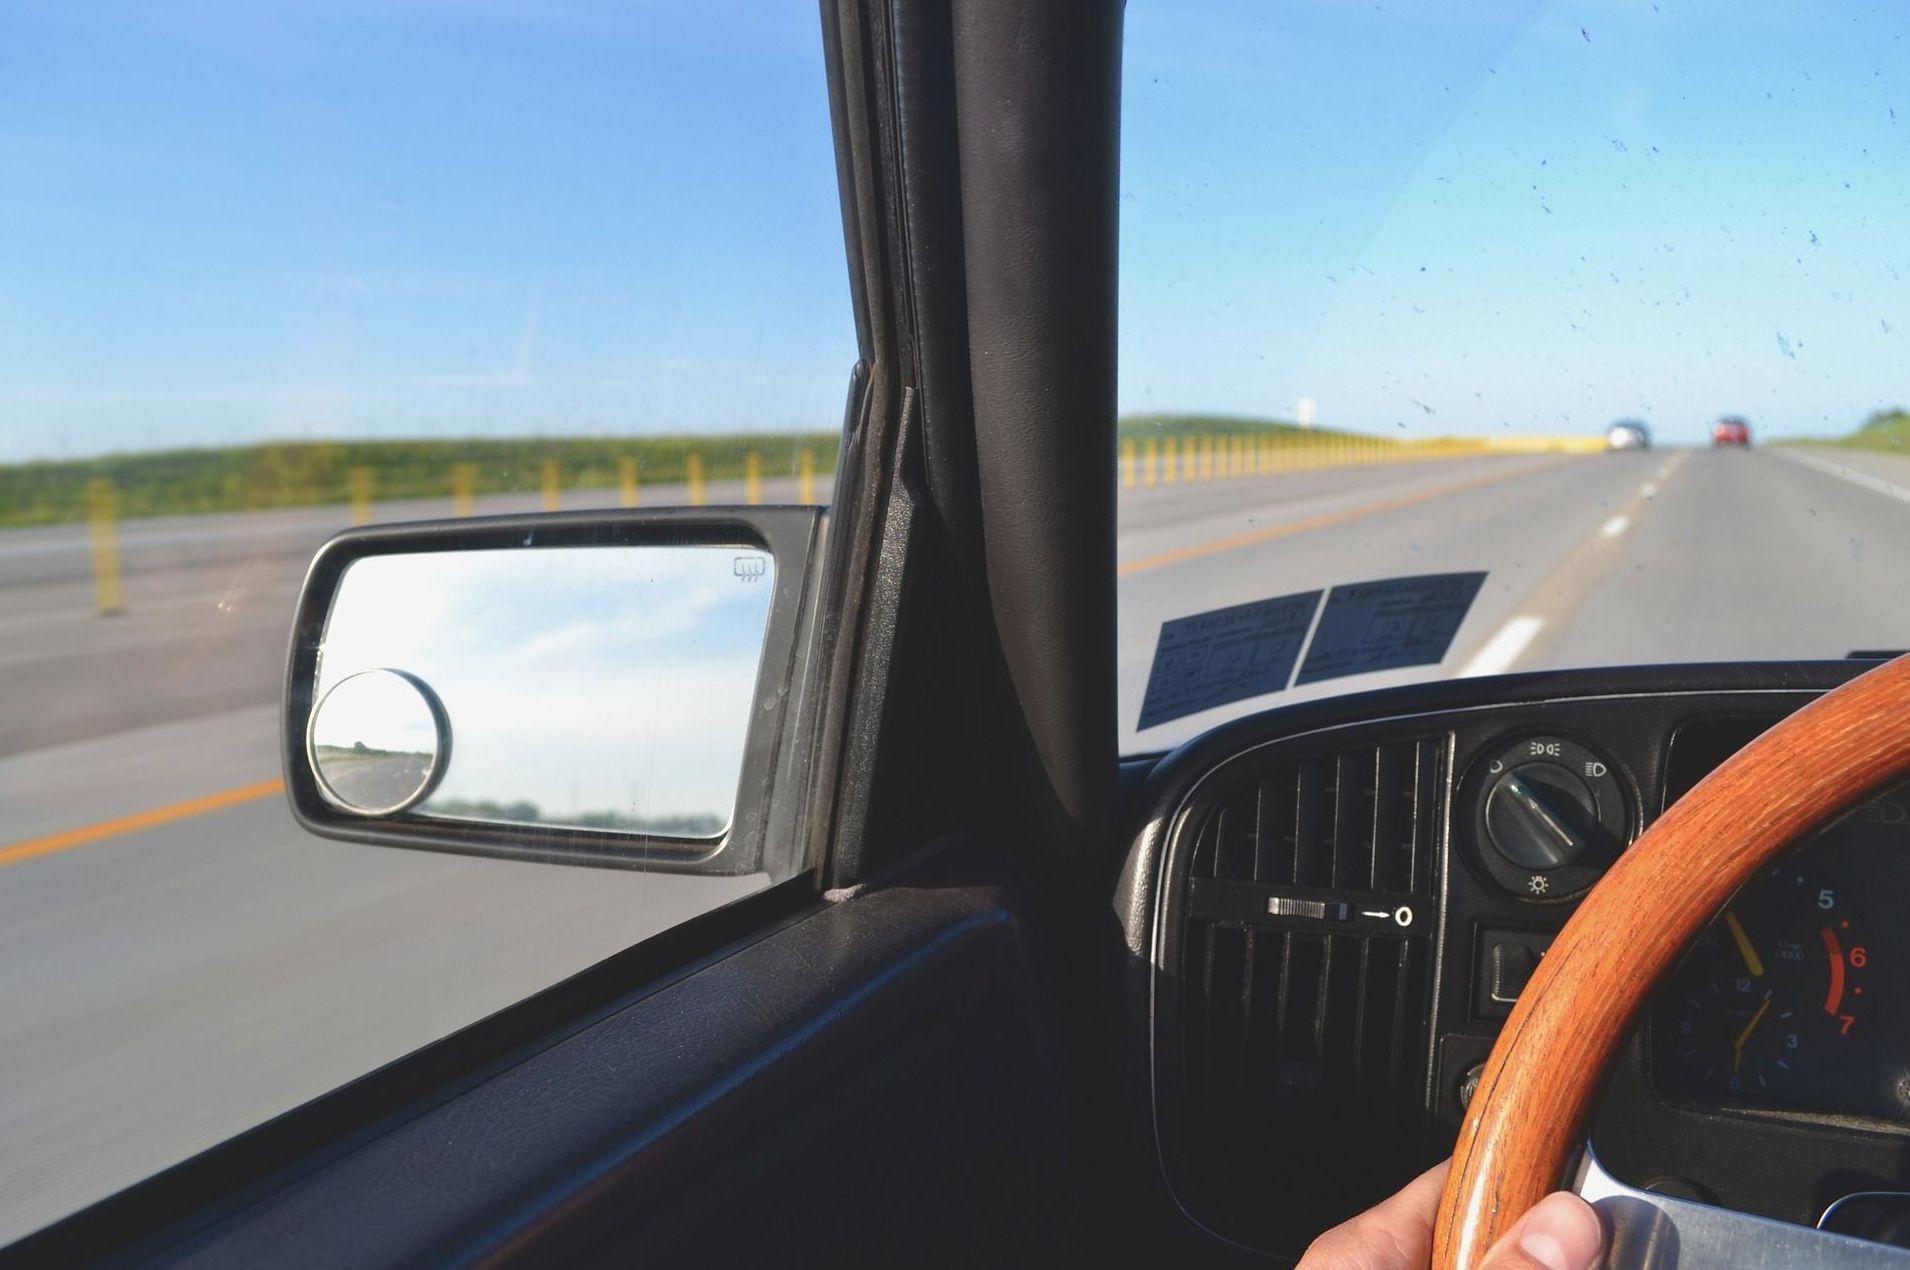 Transferencia de vehículos: ¿Qué hacemos?  de Gestoría Cebrián